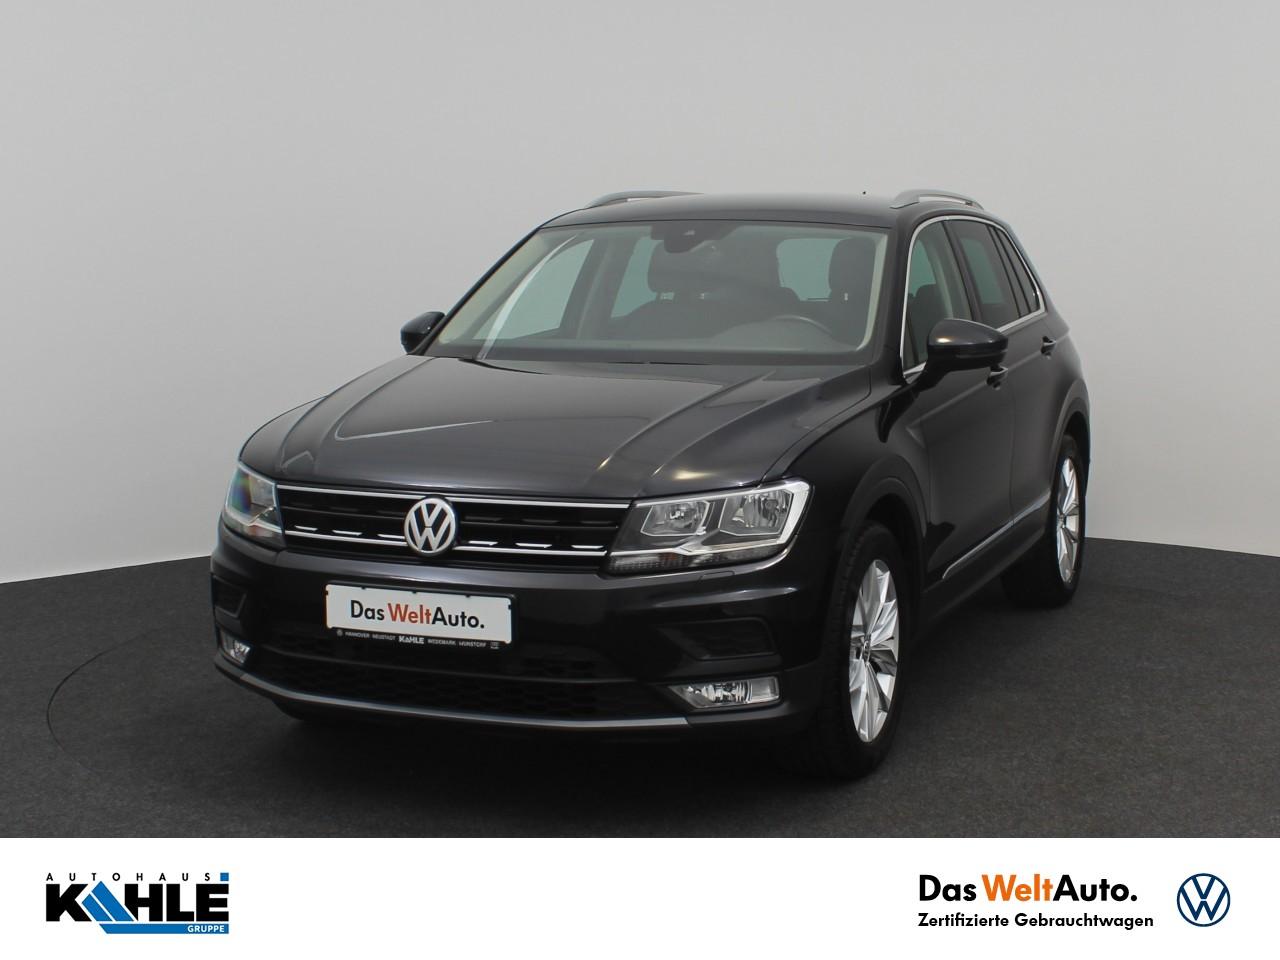 Volkswagen Tiguan 1.4 TSI BMT Comfortline Navi AHK Klima, Jahr 2017, Benzin